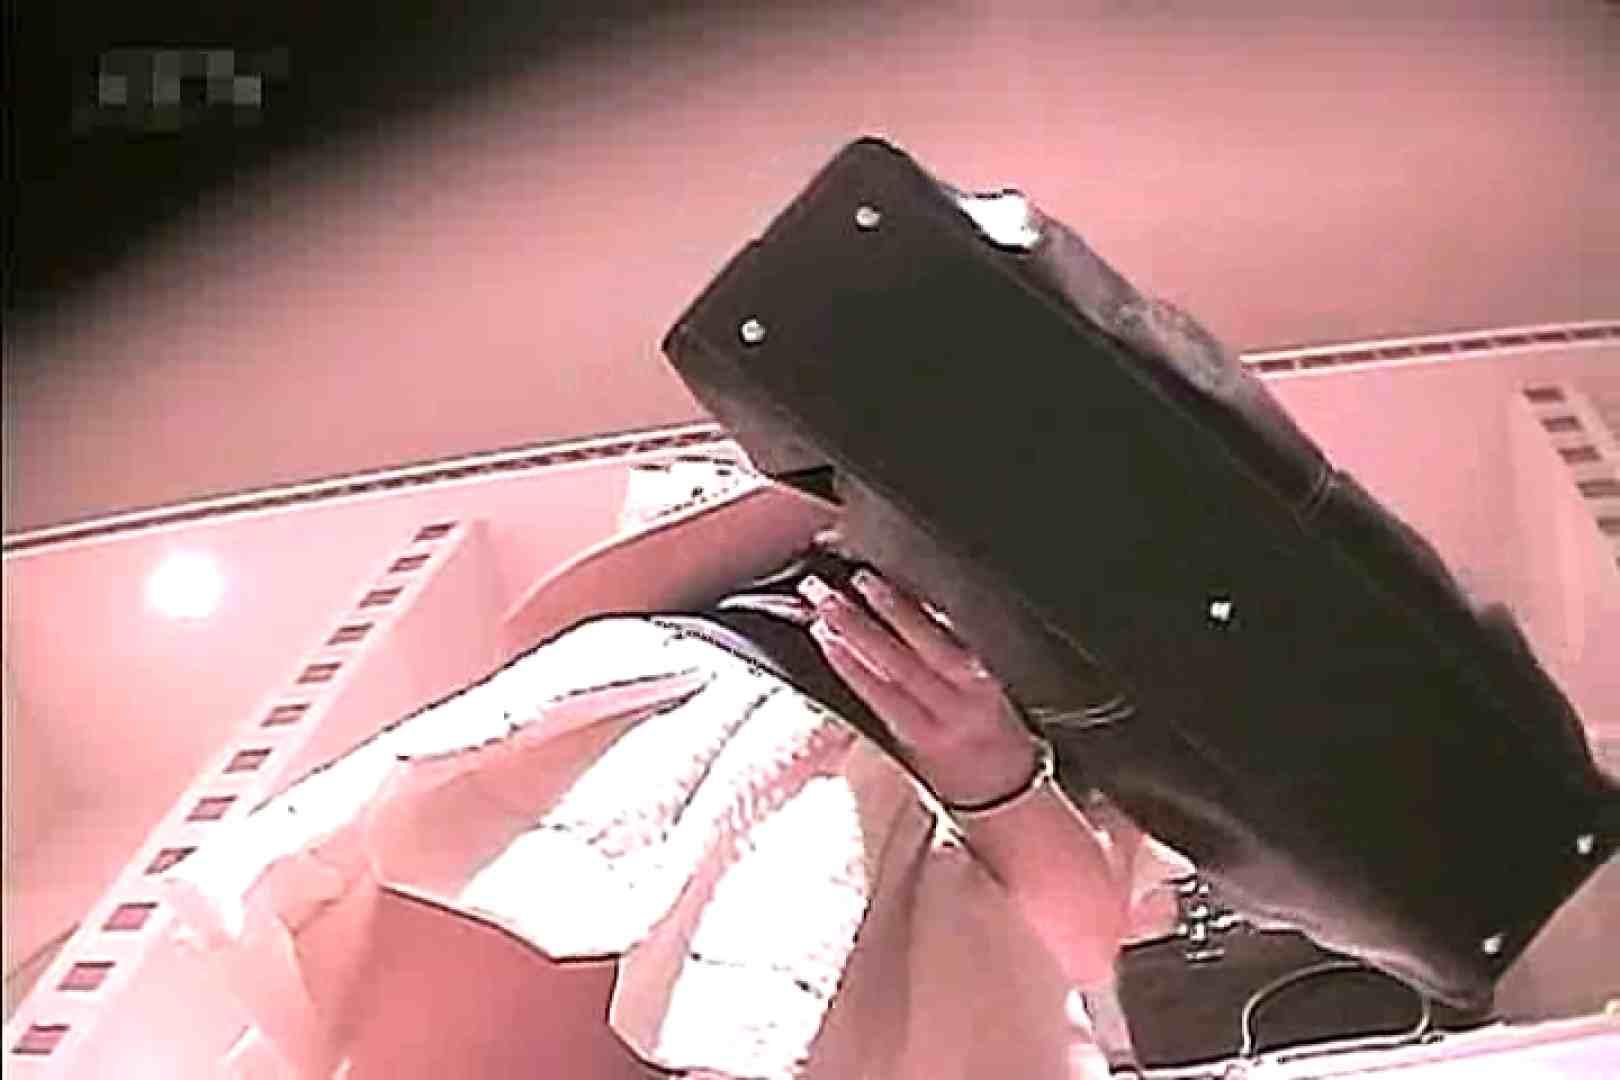 ショップ店員のパンチラアクシデント Vol.9 盗撮師作品  76pic 40